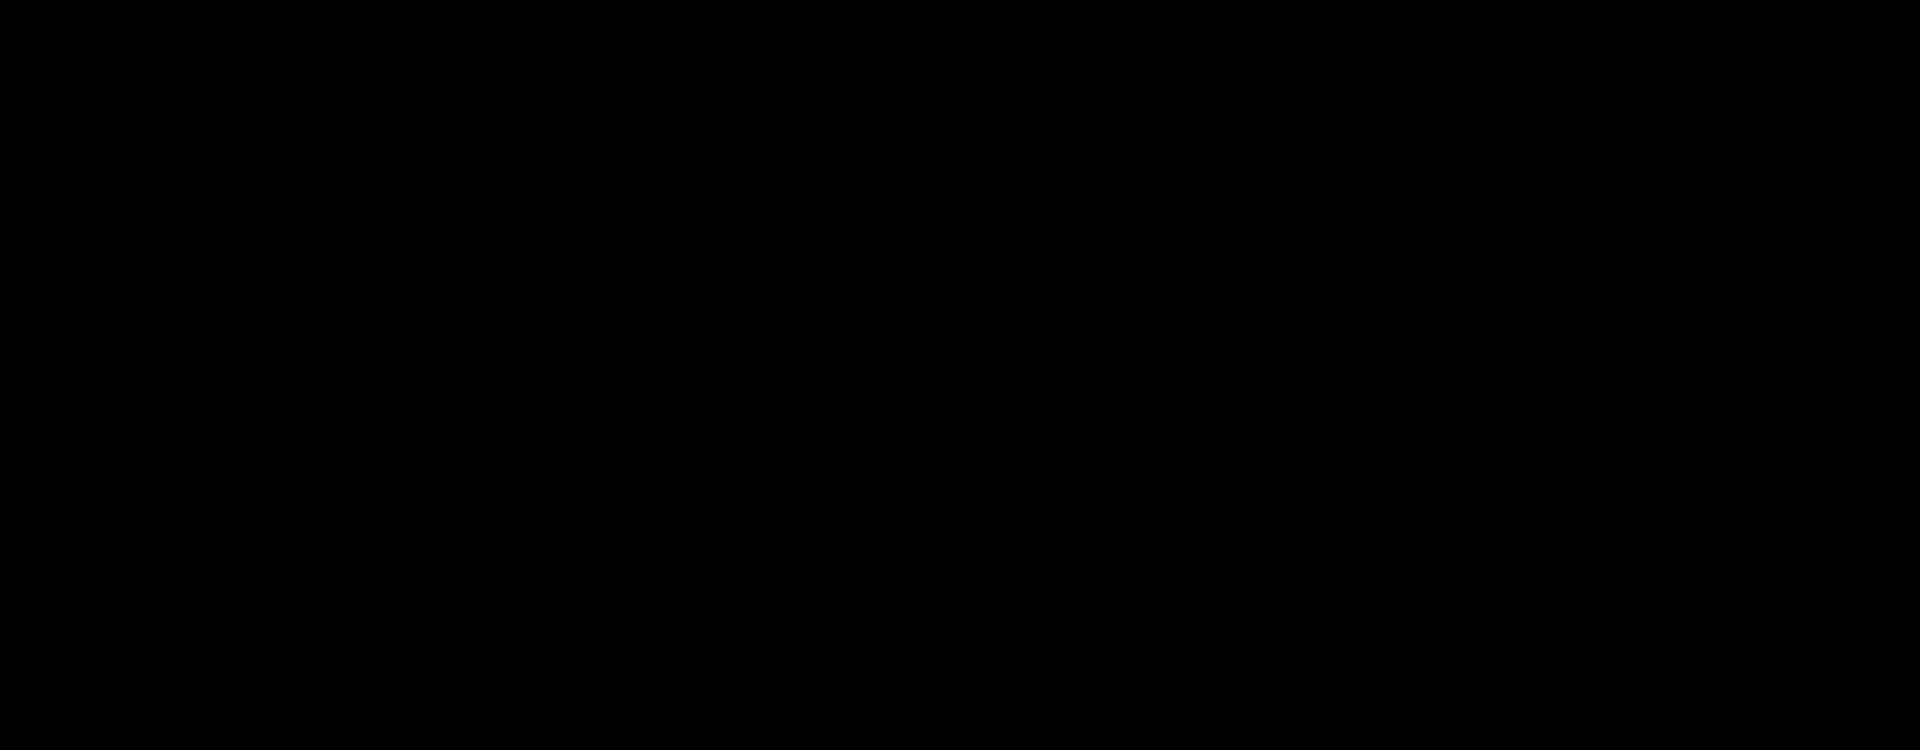 oakknoll_logo3